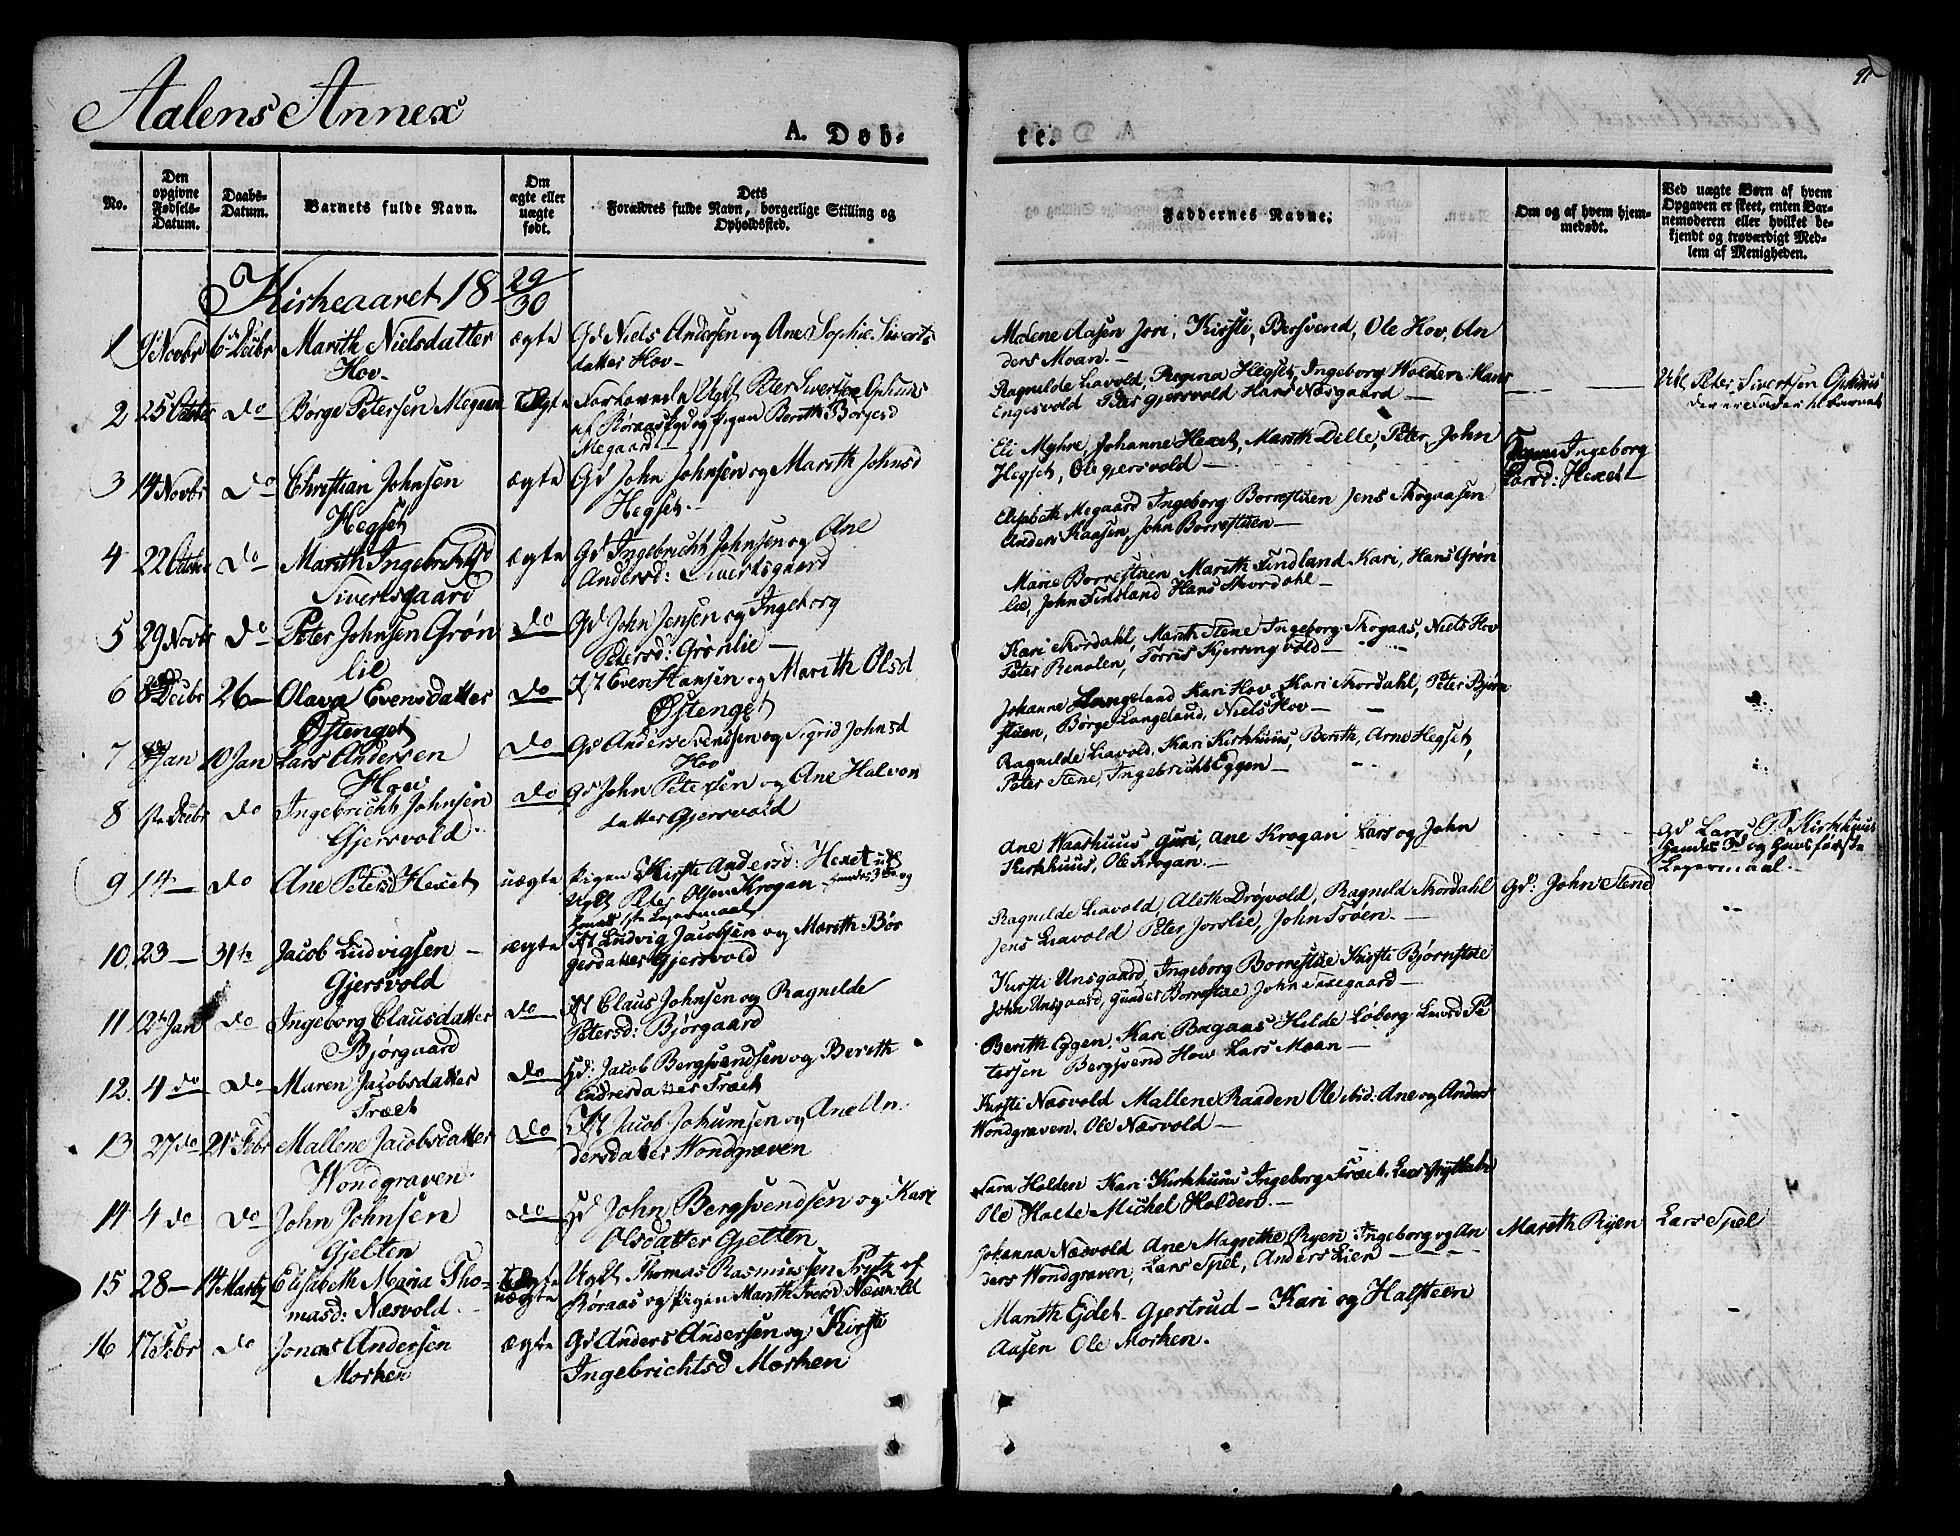 SAT, Ministerialprotokoller, klokkerbøker og fødselsregistre - Sør-Trøndelag, 685/L0959: Ministerialbok nr. 685A04 /3, 1829-1845, s. 91